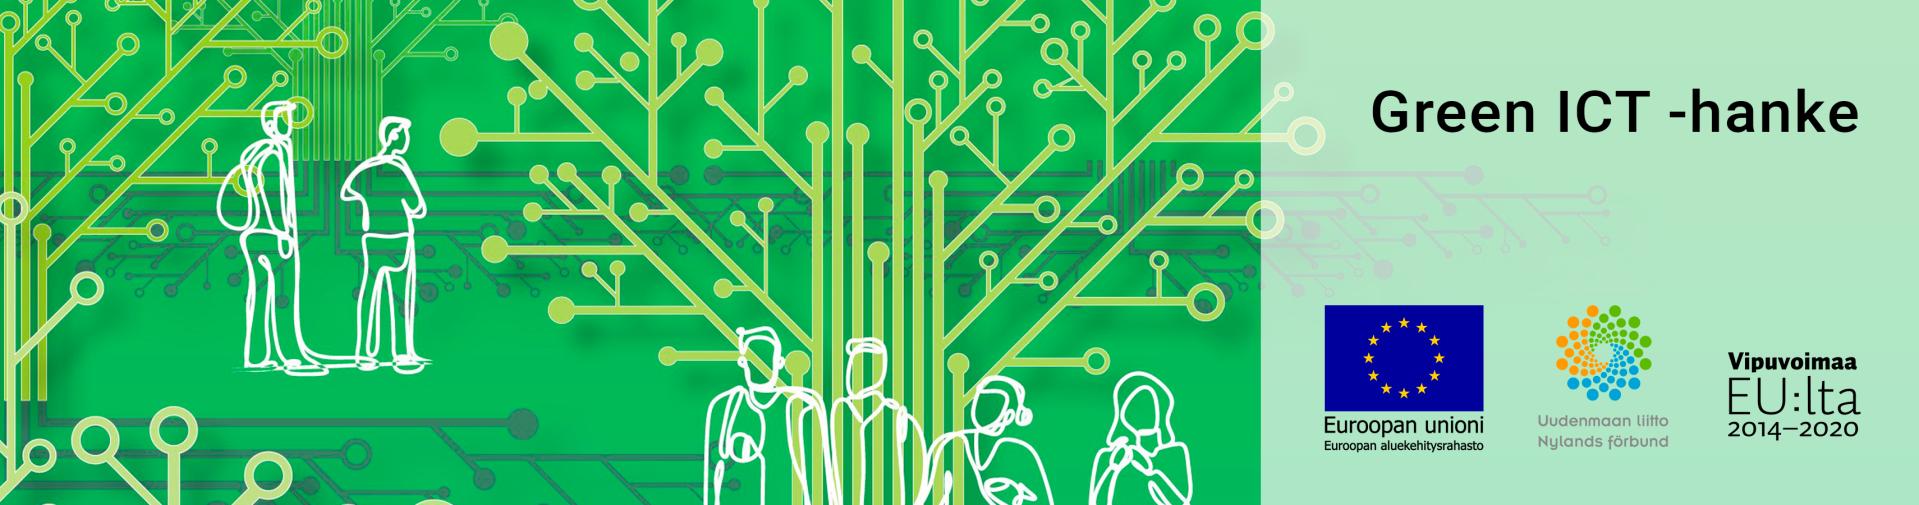 Green ICT: tee ilmastoviisaita digihankintoja! 28.10.2021